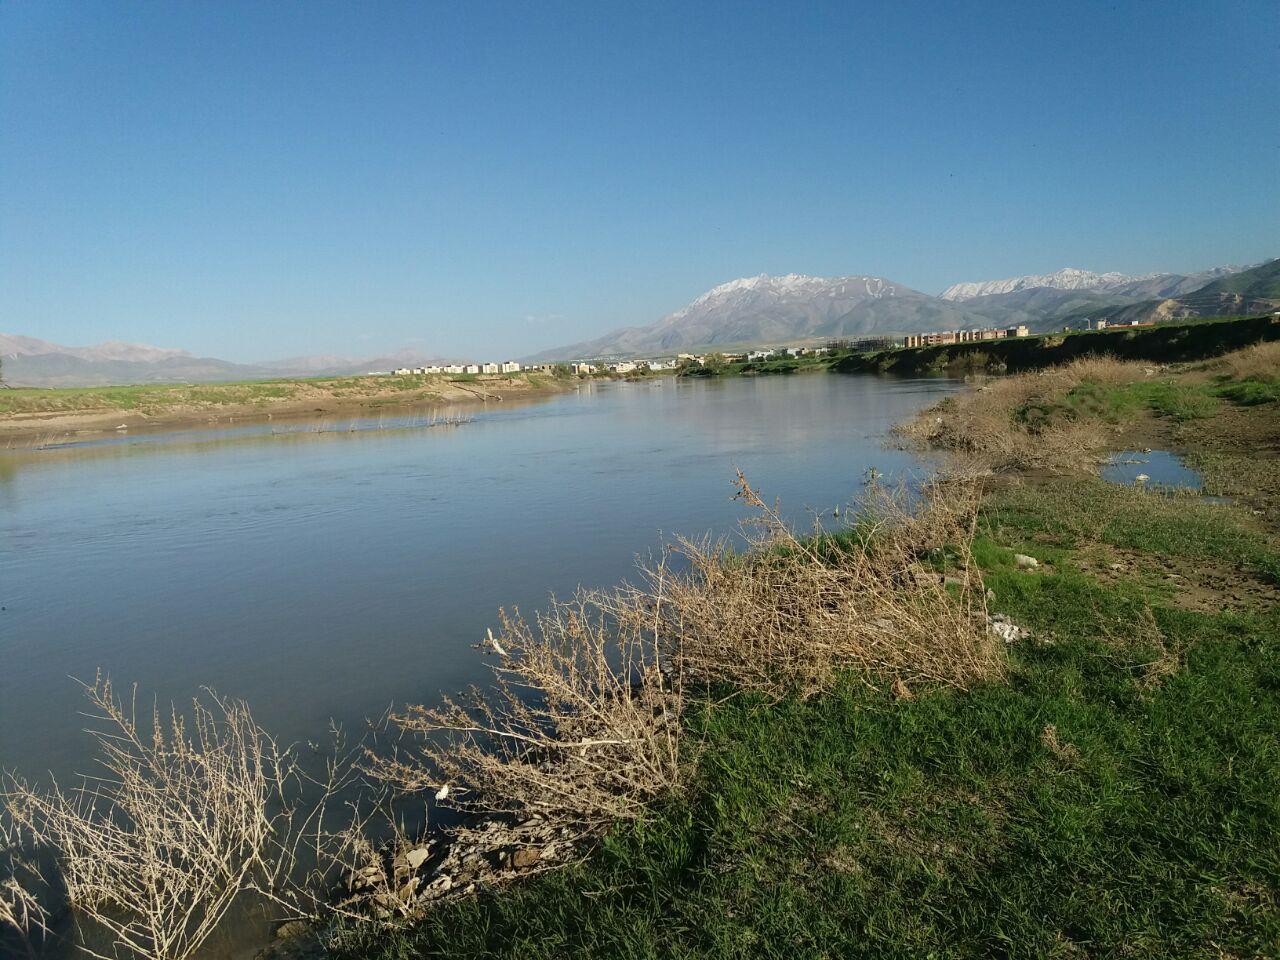 رودخانه تیره و اشترانکوه دورود